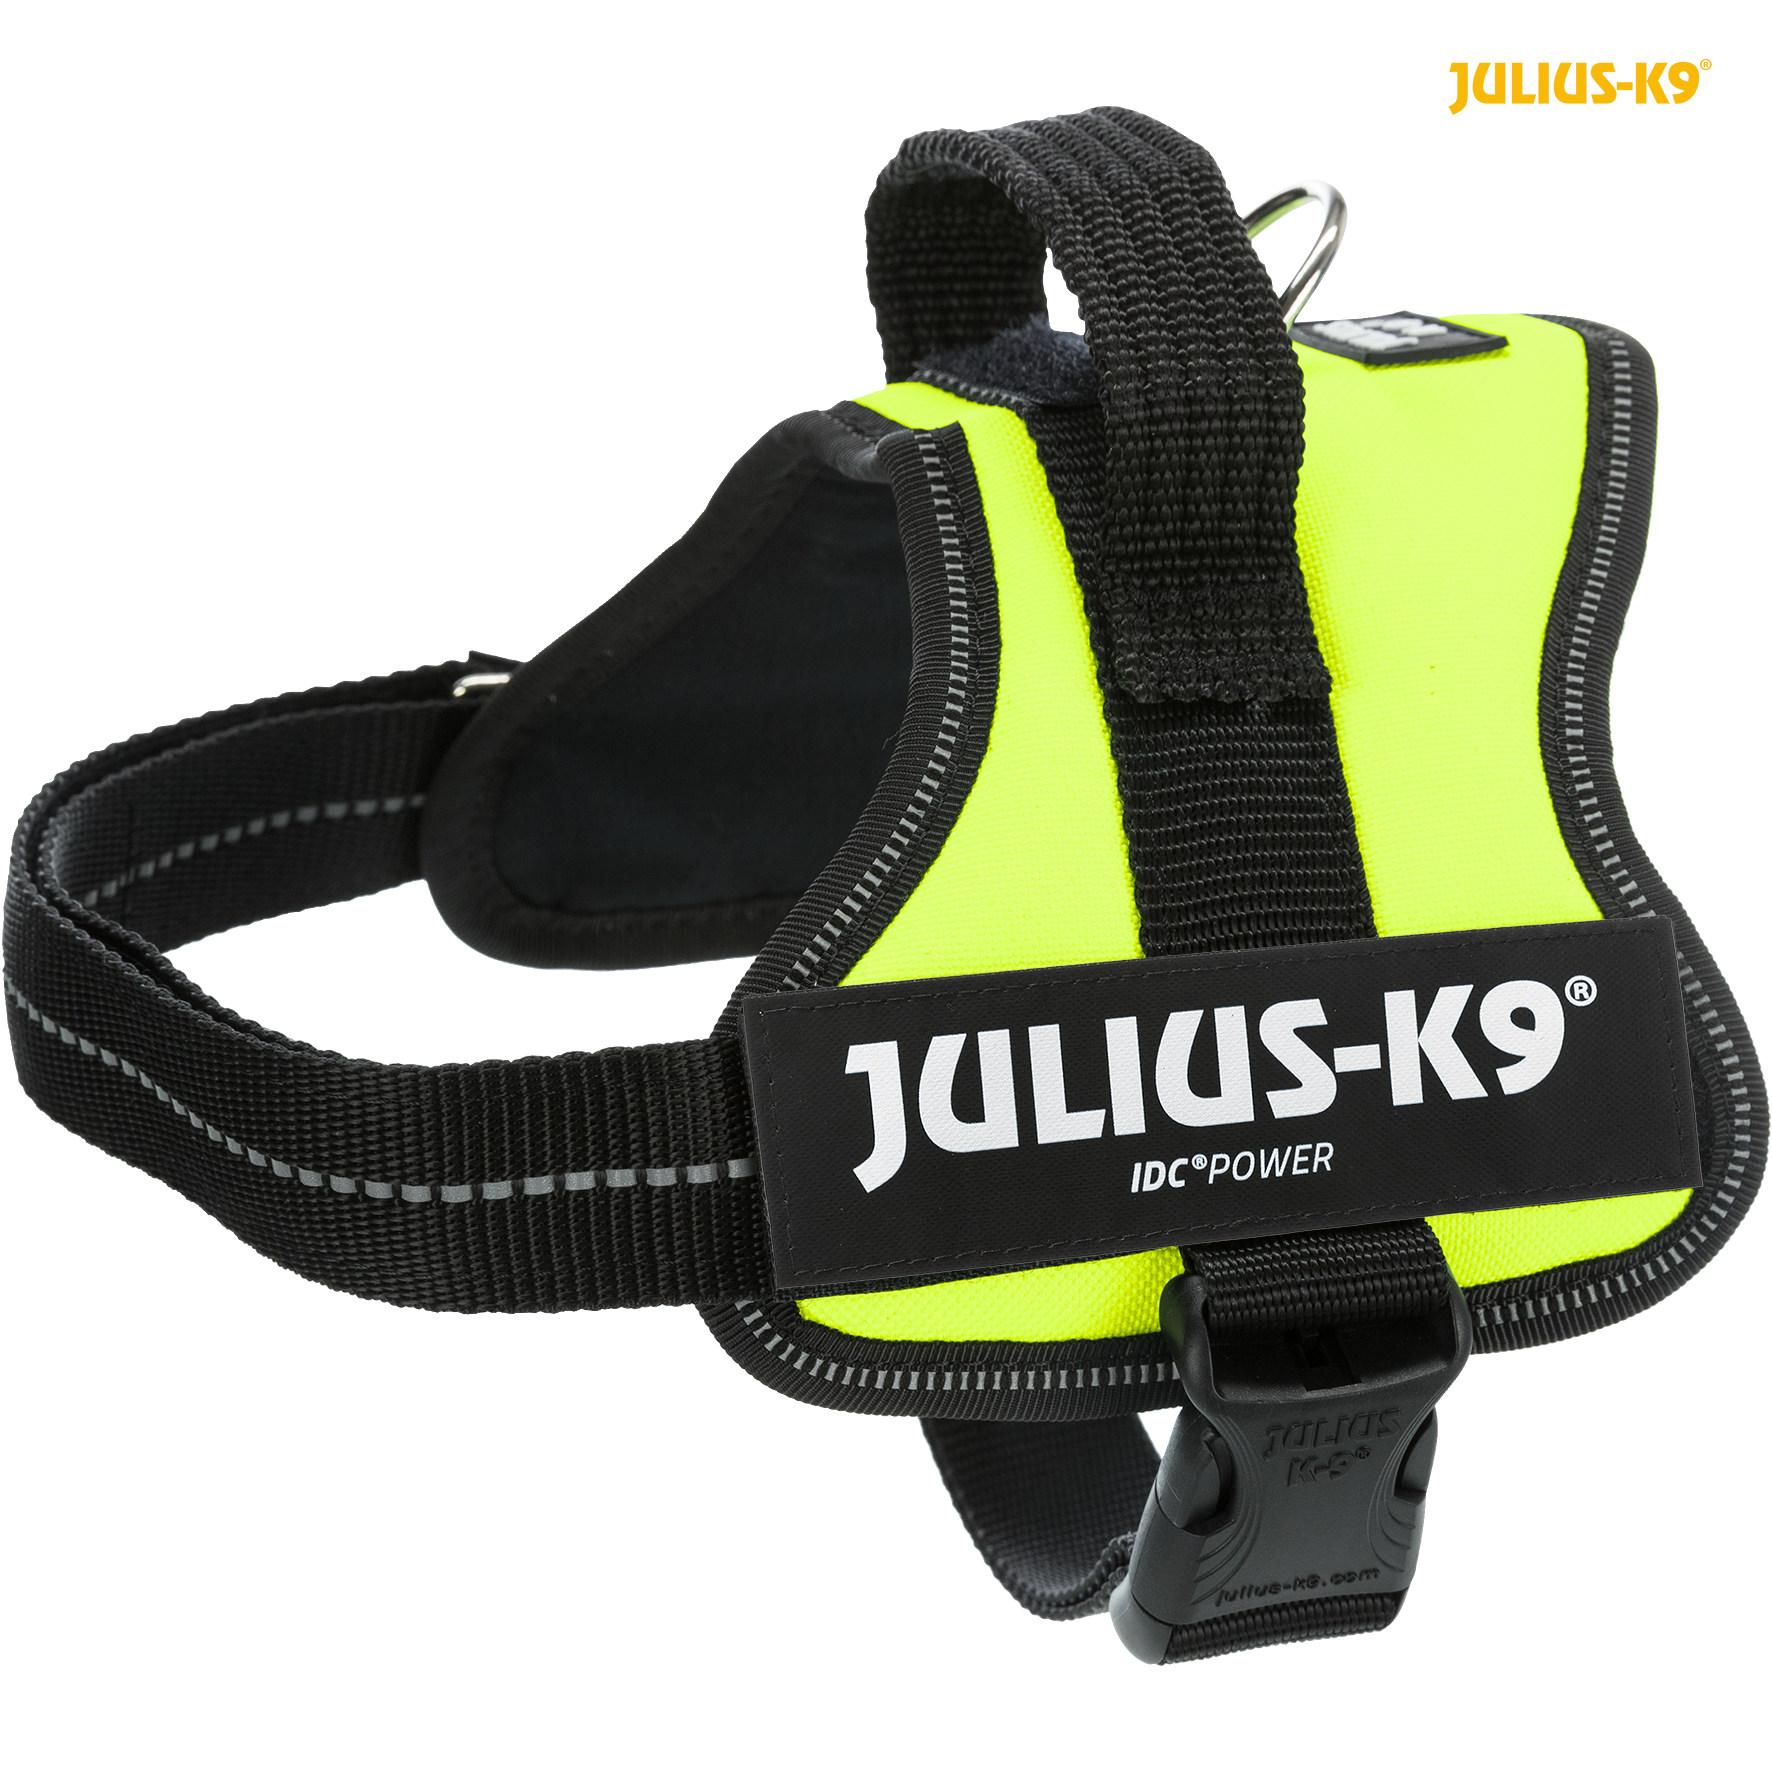 TRIXIE Julius-K9® Powergeschirr® TRIXIE K9®Powergeschirr®, S/Mini: 51–67 cm/28 mm, neongrün